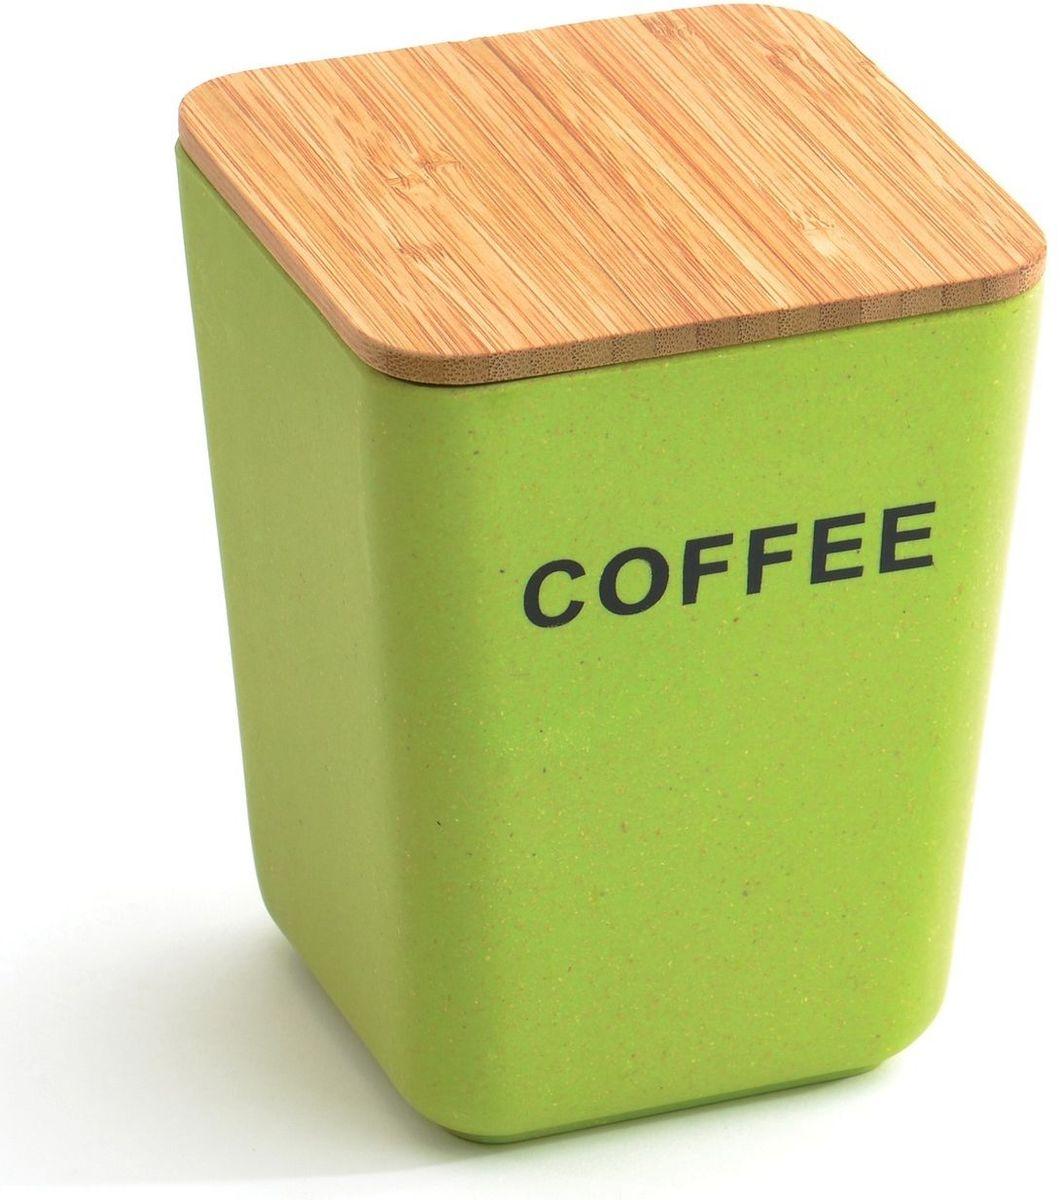 Банка для хранения кофе BergHOFF Cook&Co, с крышкой, 1,2 л2800054Банка с крышкой BBergHOFF Cook&Co – это стильная банка, которая идеально подойдет для хранения кофе. Банка имеет прямоугольную форму и изготовлена из бамбукового волокна и безопасного меламина. Она прочная, стильная и яркая, благодаря чему впишется в любой интерьер. Крышка выполнена из бамбука. Банку можно мыть в посудомоечной машине. Благодаря экологическому материалу банка от компании BergHOFF идеально подойдет для хранения любых сыпучих продуктов.